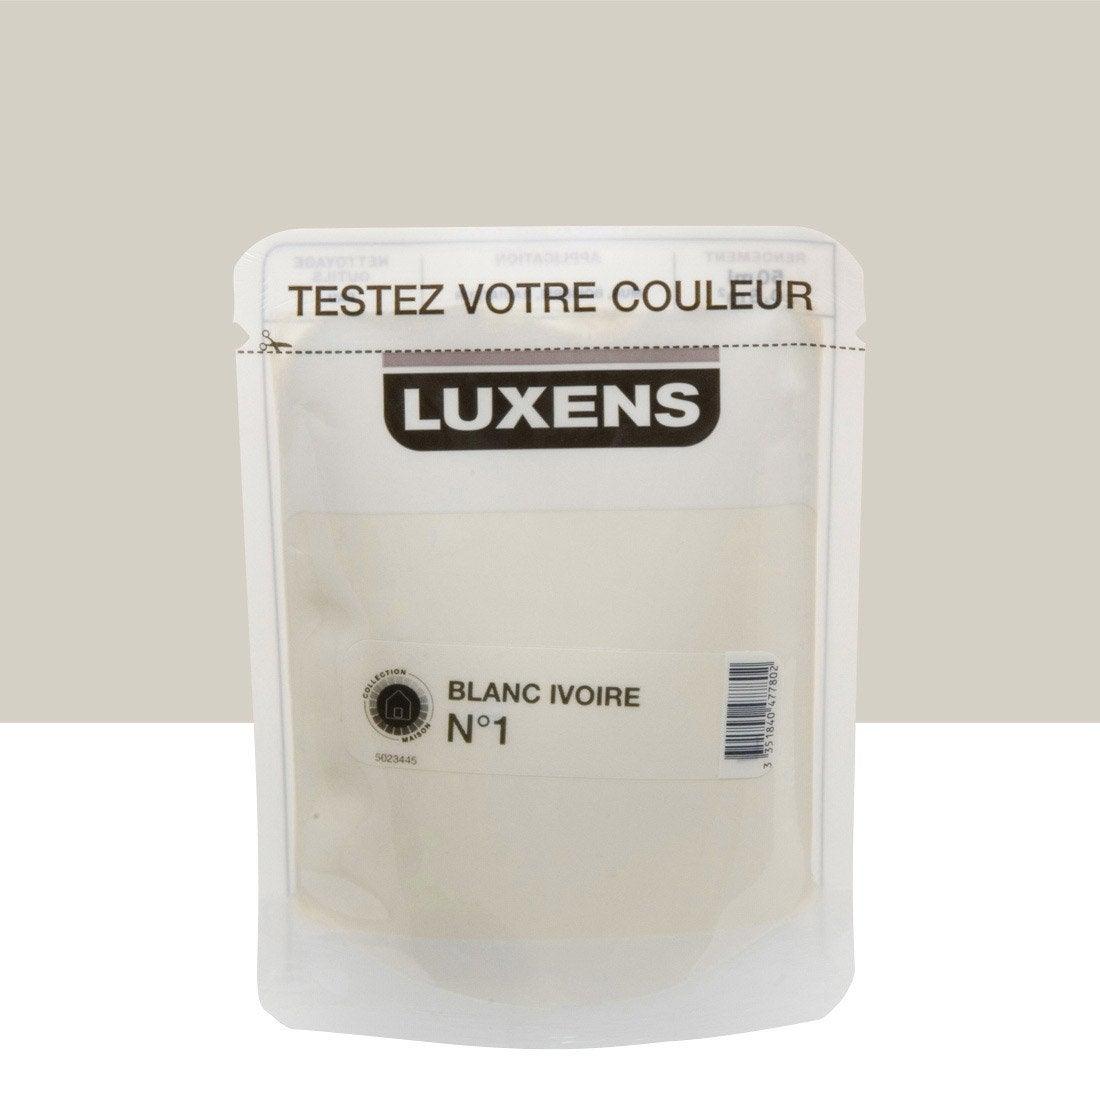 Testeur peinture blanc ivoire 1 luxens couleurs - Peinture luxens blanc satin ...